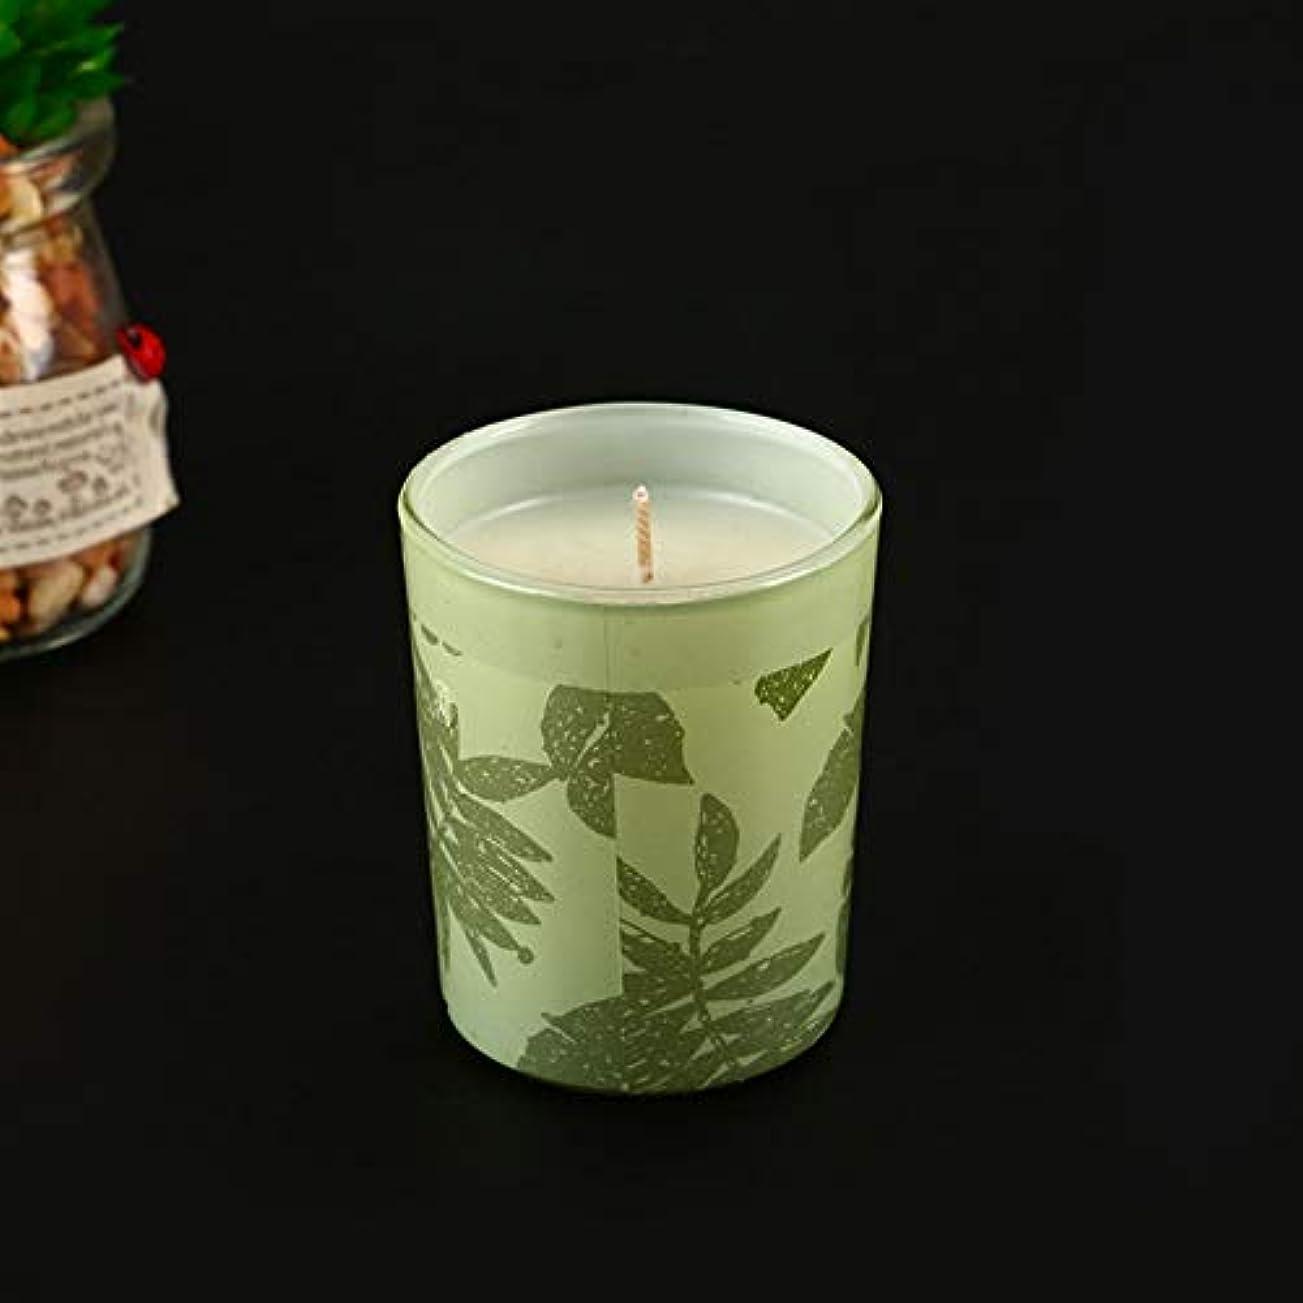 思いやり書き出す蒸留Ztian アロマセラピーキャンドルガラス香料入りキャンドル無煙大豆キャンドル誕生日キャンドル (色 : Green tea)